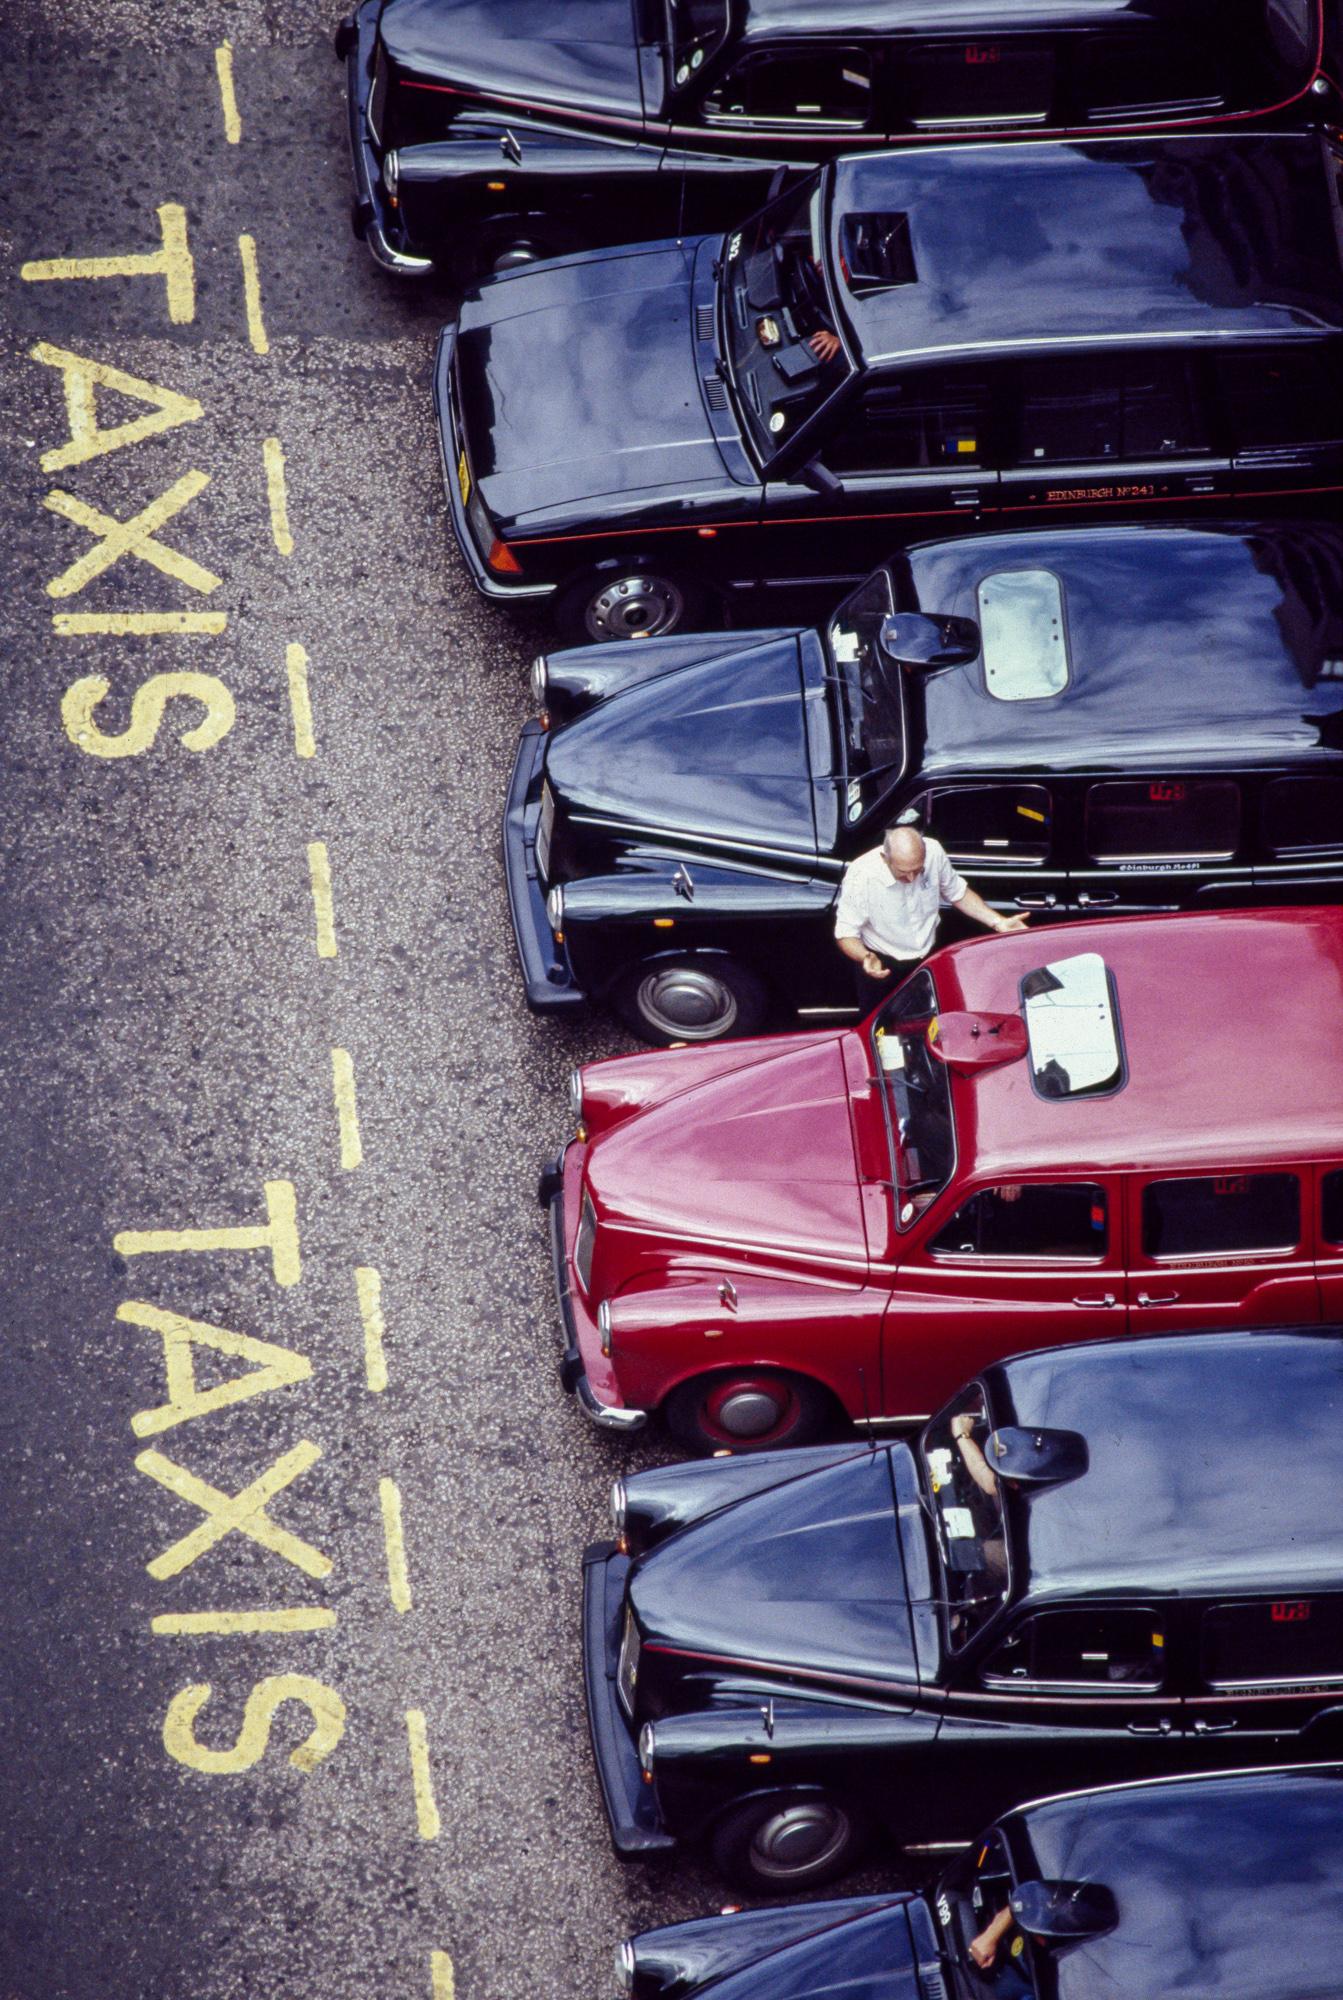 A taxi stand in Edinburgh, Scotland.